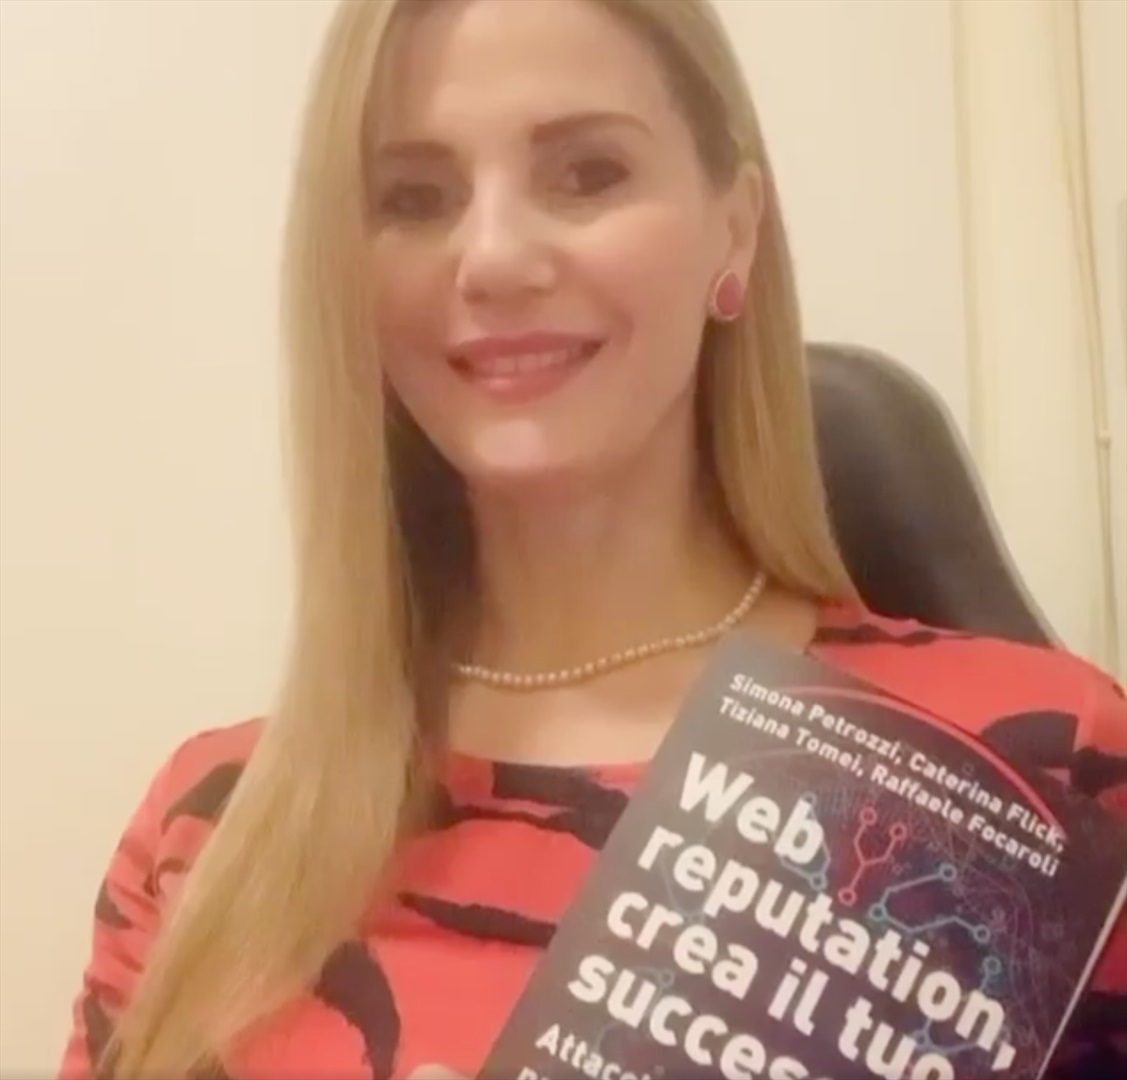 """""""Web Reputation, crea il tuo successo - Attacchi mediatici: prevenzione e cura"""", un manuale per tutti i professionisti"""